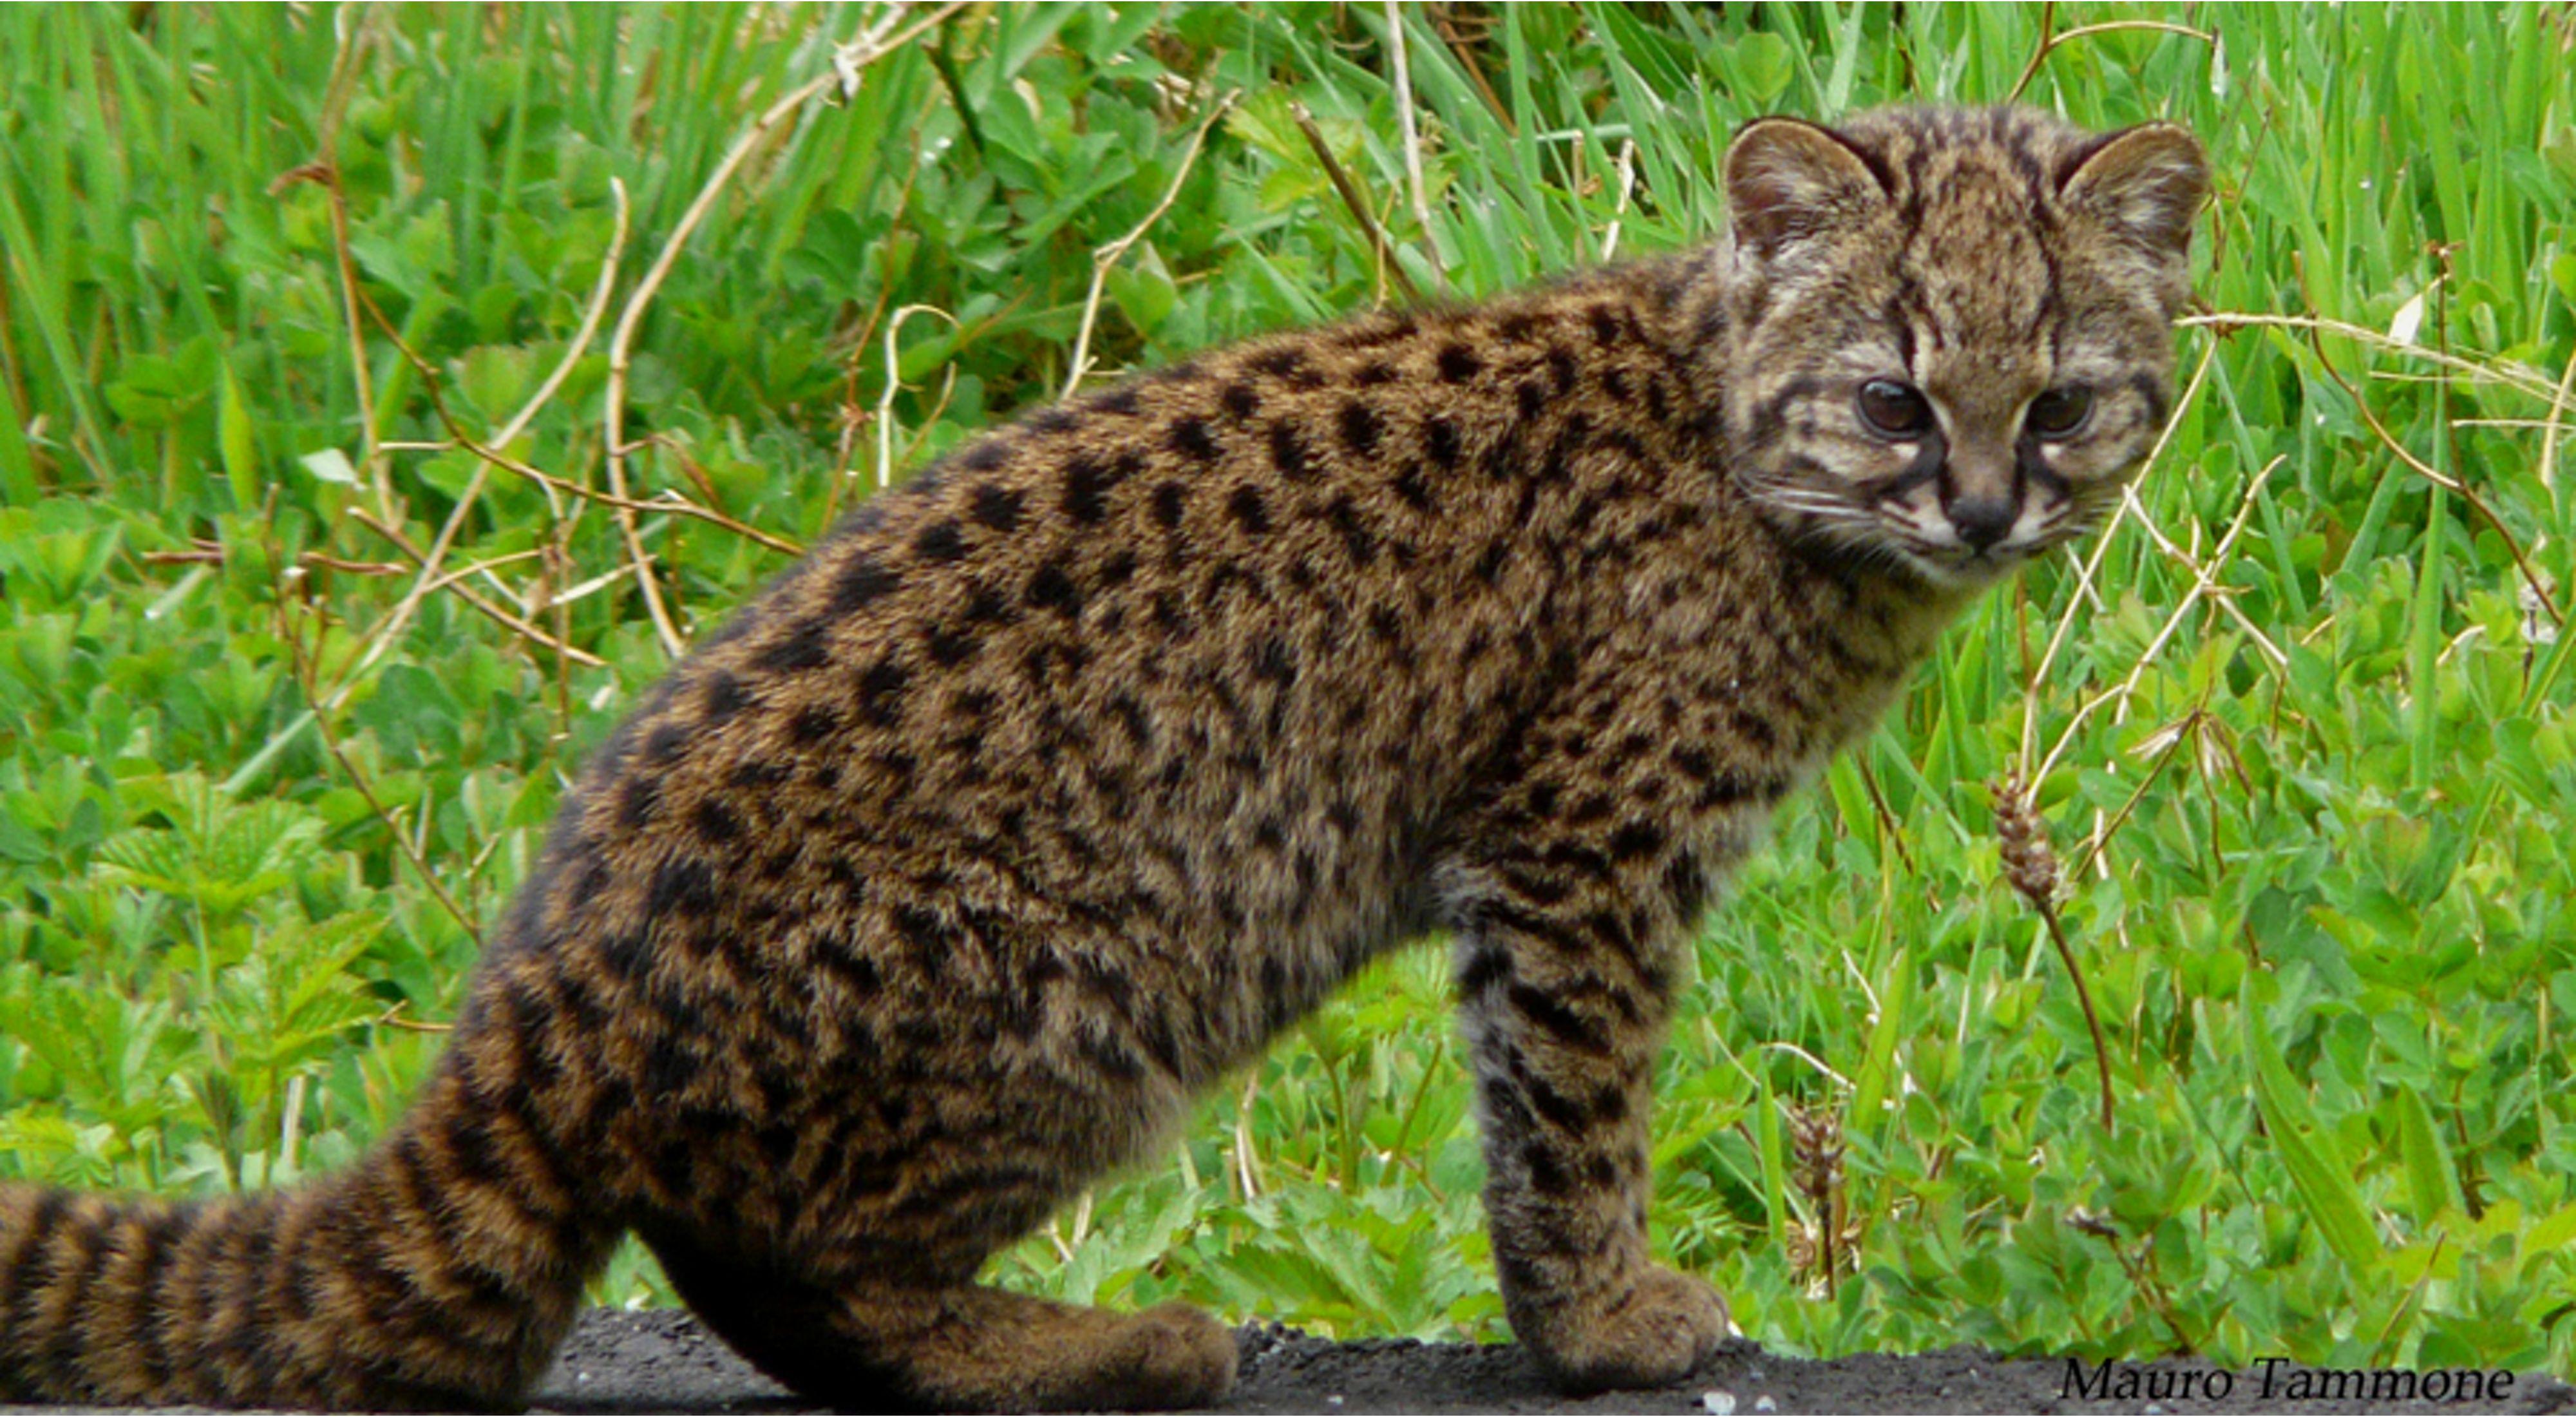 Leopardus guigna es una especie nativa del sur de Sudamérica y una especie amenazada por la destrucción de su hábitat.